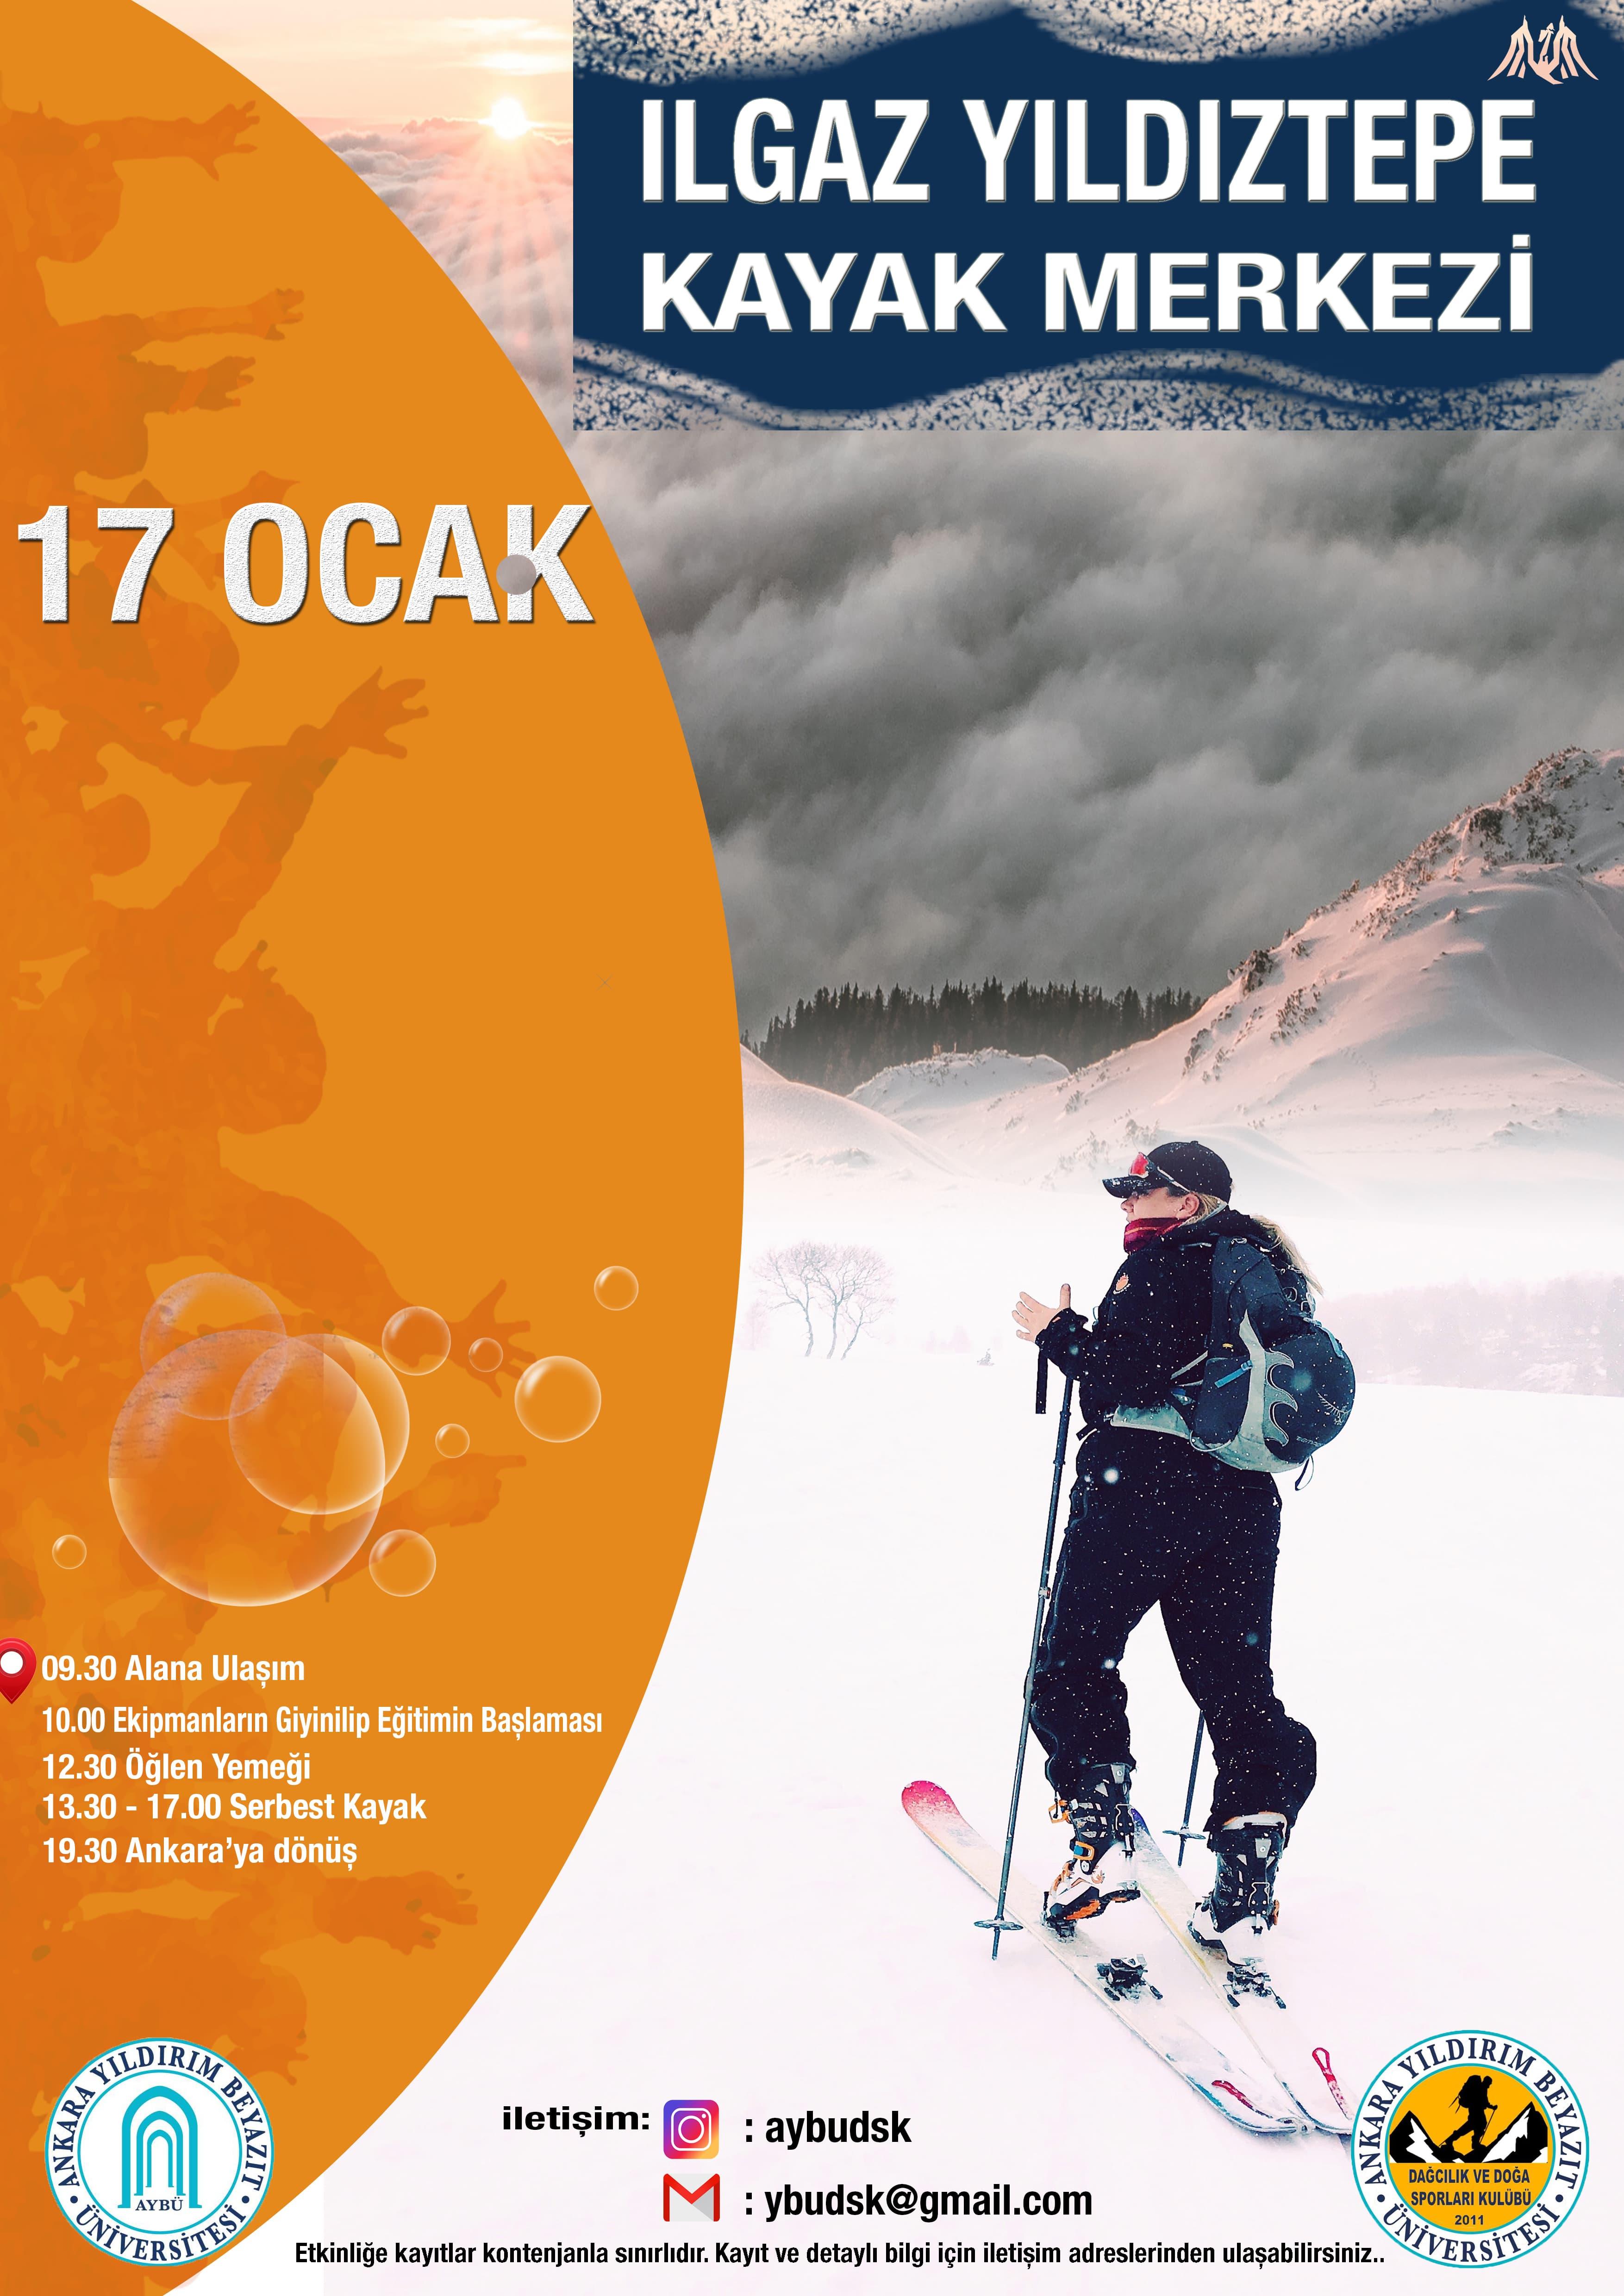 Yıldıztepe Kayak Faaliyet